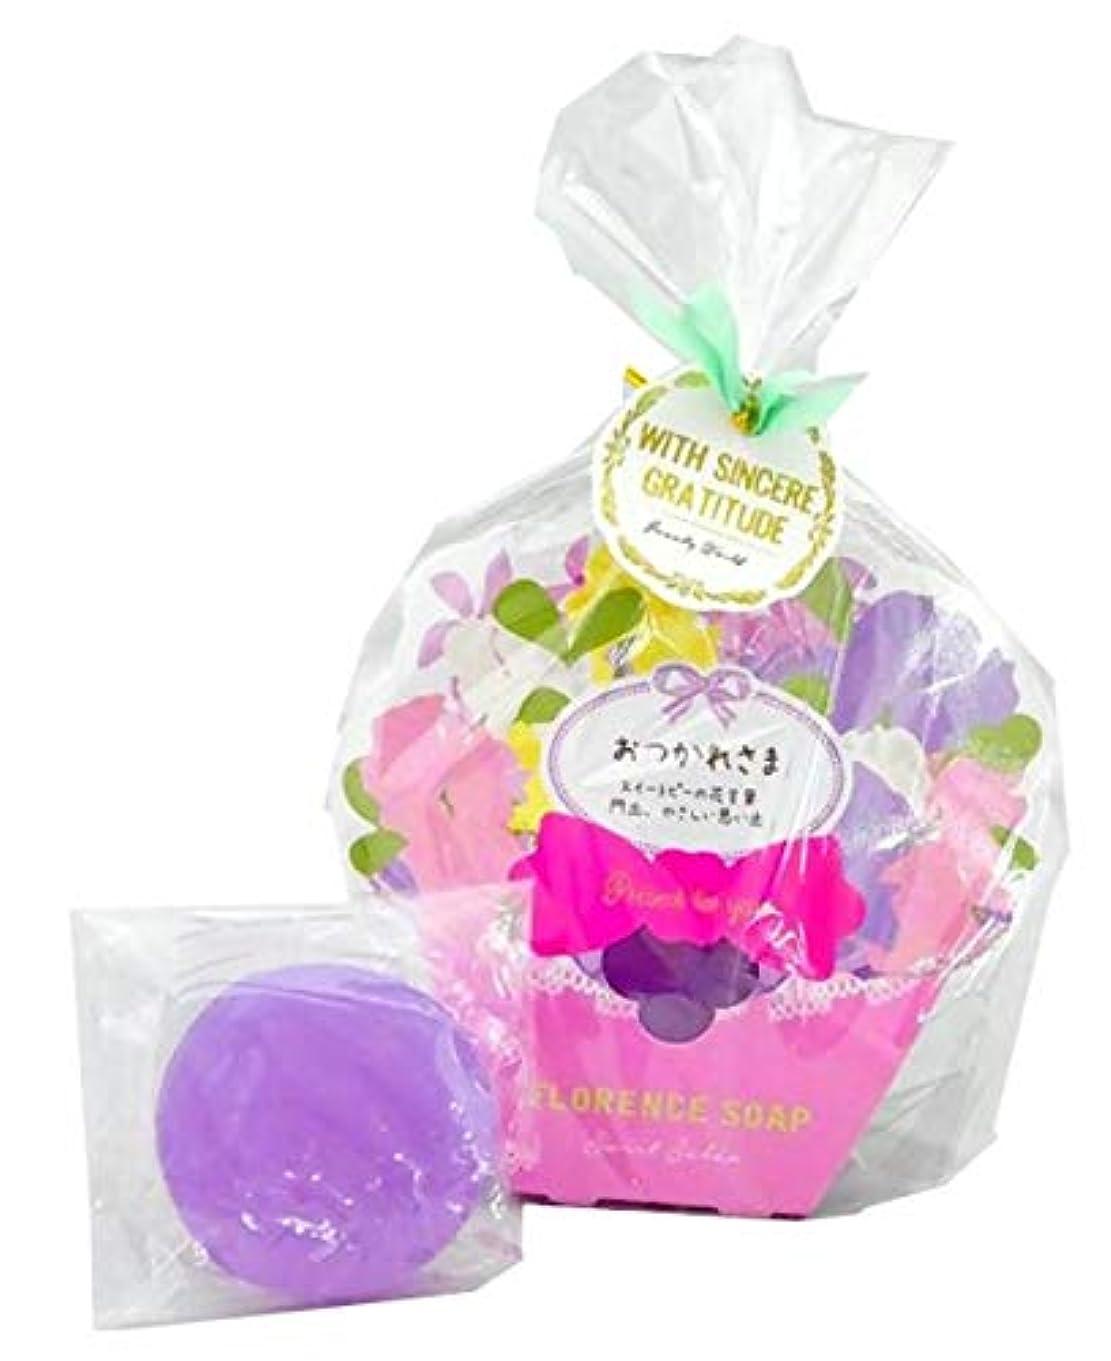 侵入管理有益ビューティーワールド BWフローレンスの香り石けん 花束パッケージ 6個セット FSP383?スウィートシャボン